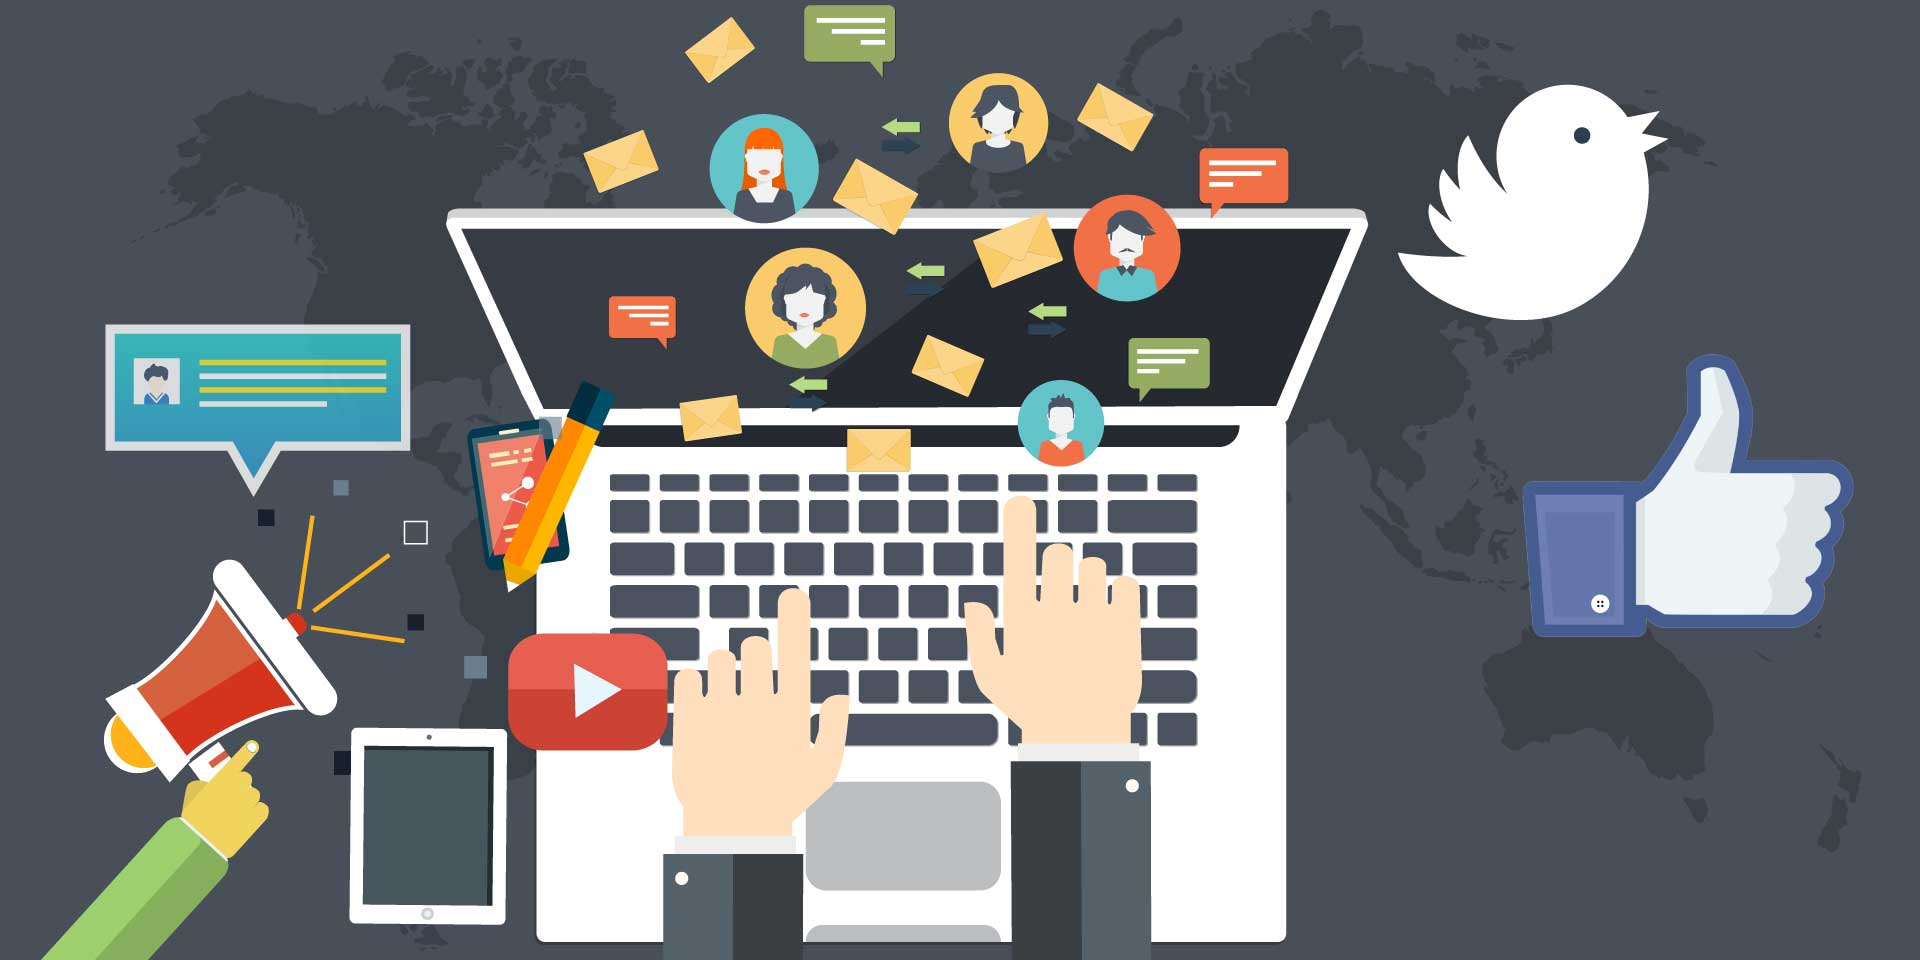 خدمة ادارة حسابات التواصل الاجتماعي